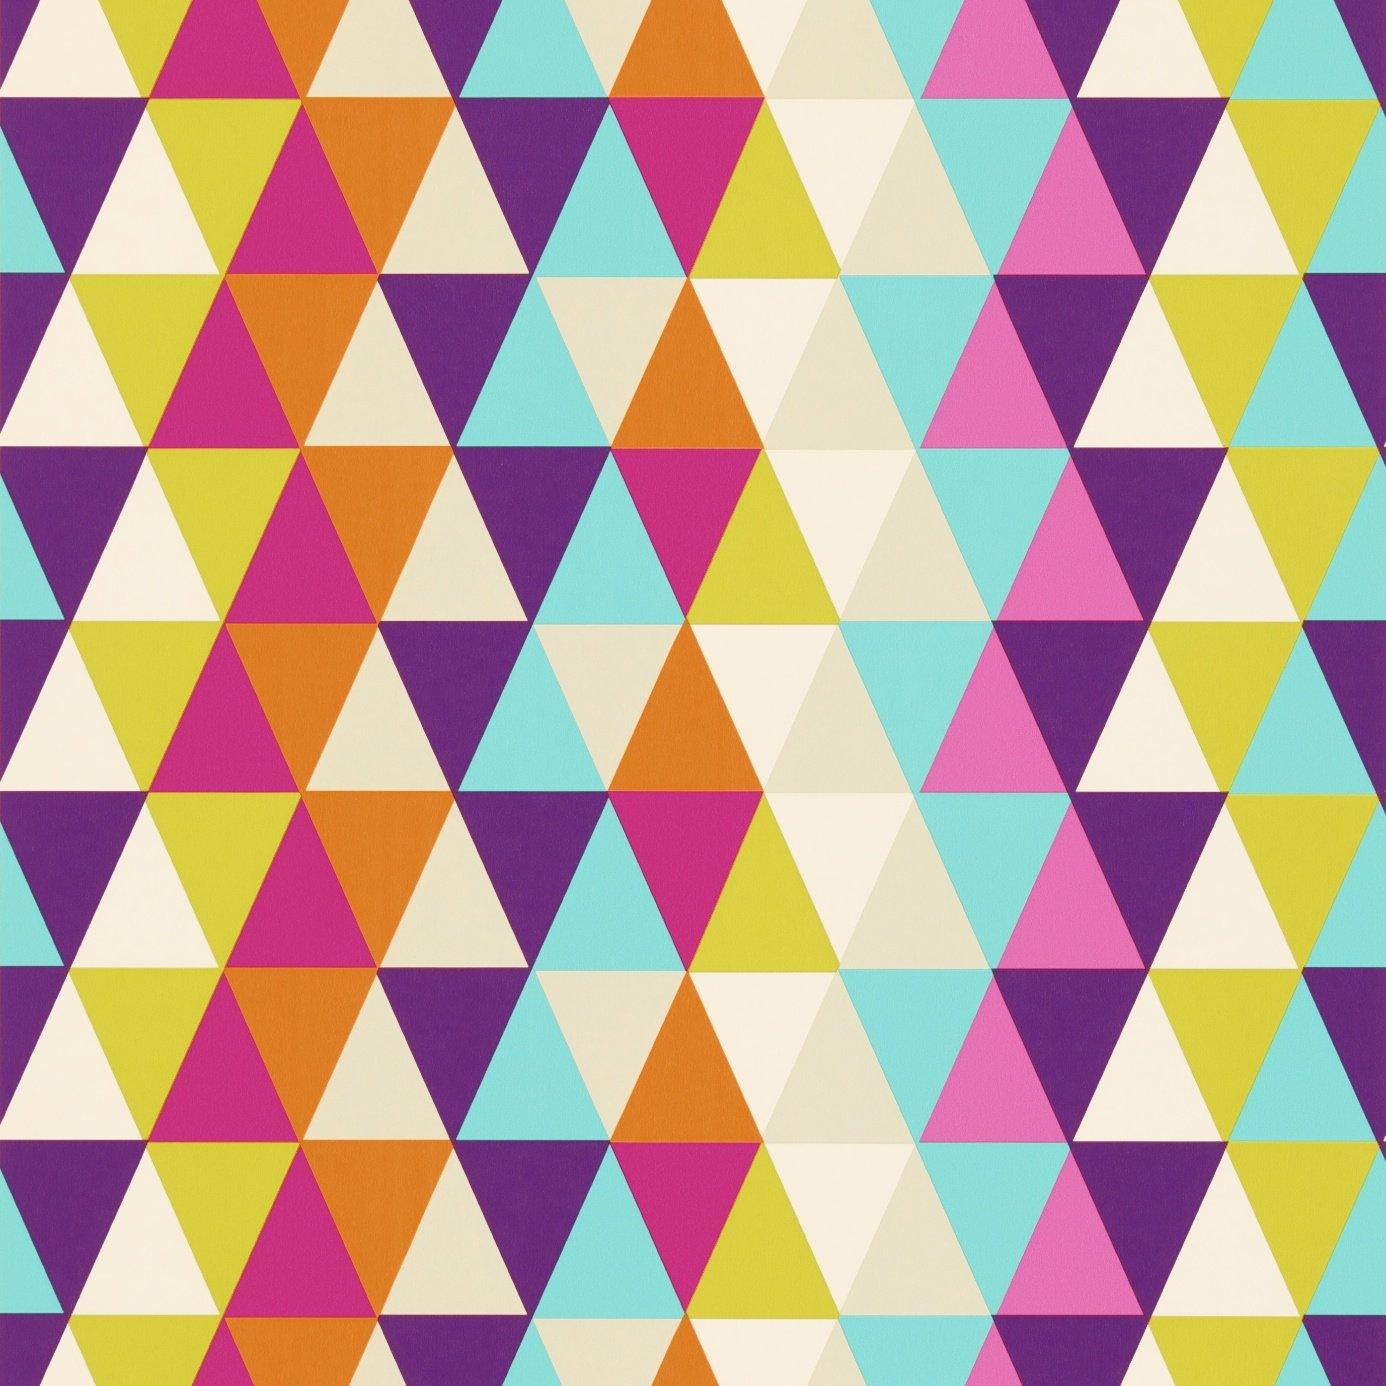 также цветные геометрические узоры картинки специалисты помогут